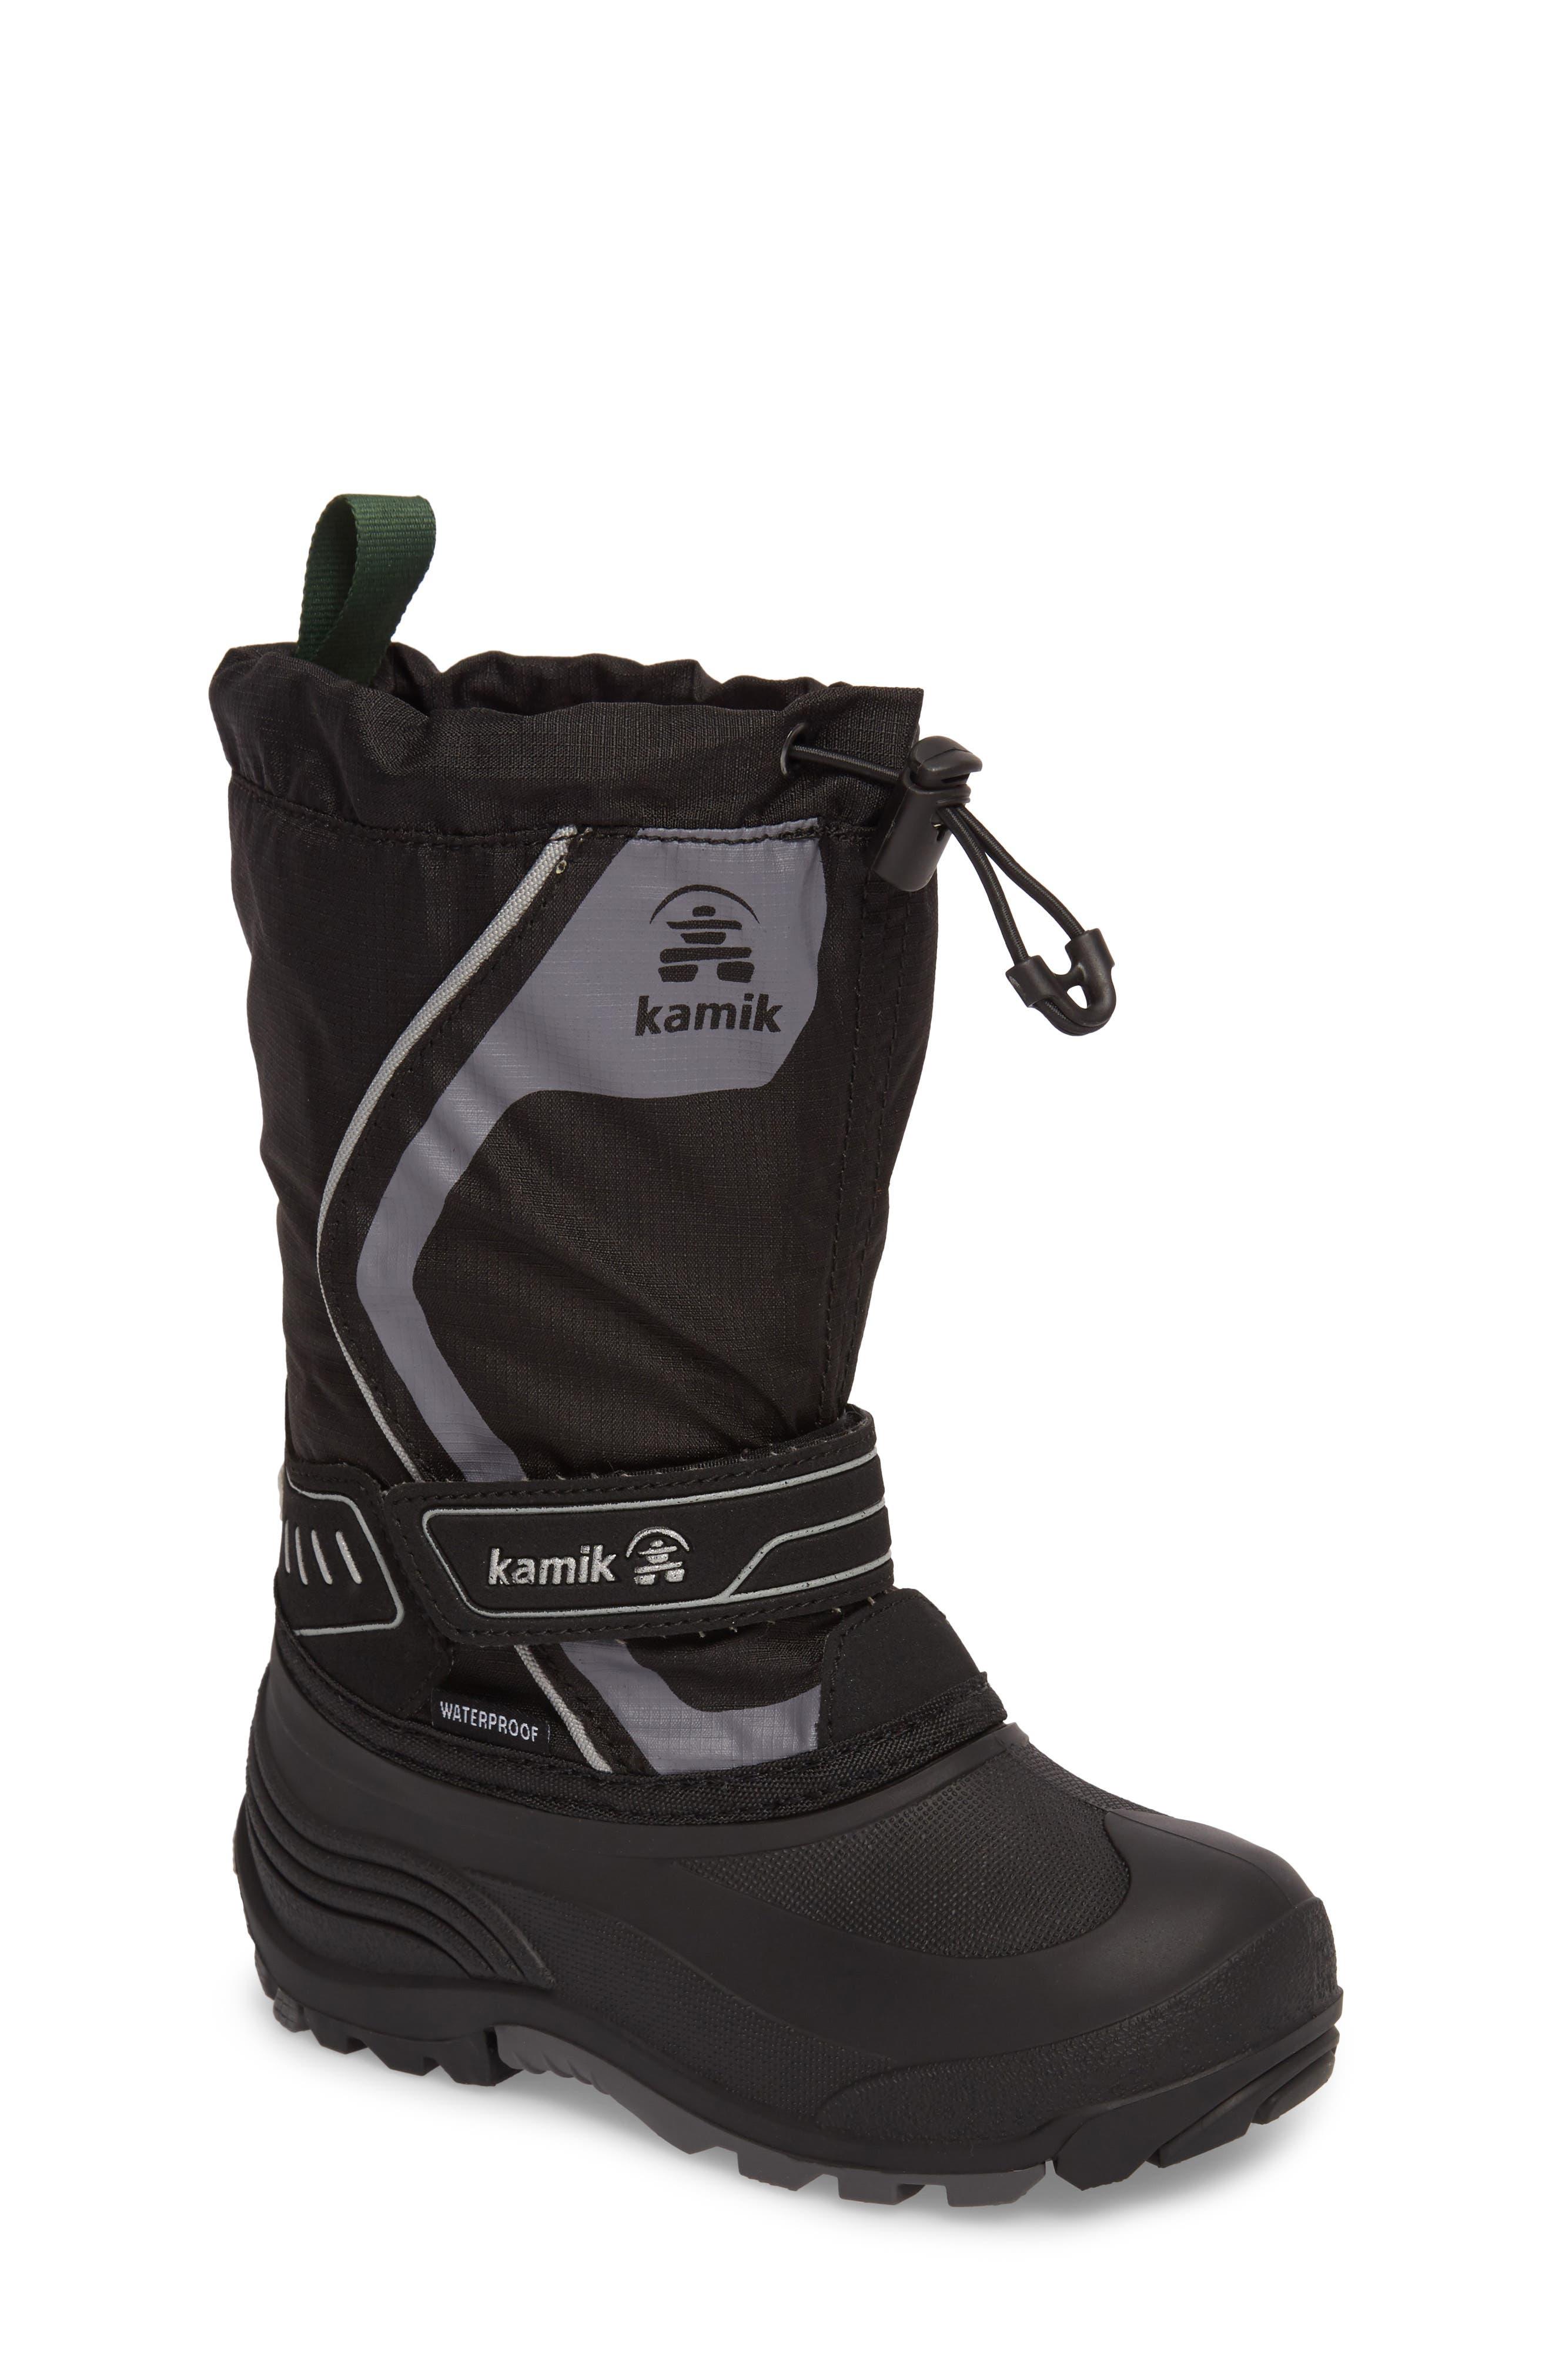 Alternate Image 1 Selected - Kamik Snowcoast3 Waterproof Snow Boot (Toddler, Little Kid & Big Kid)